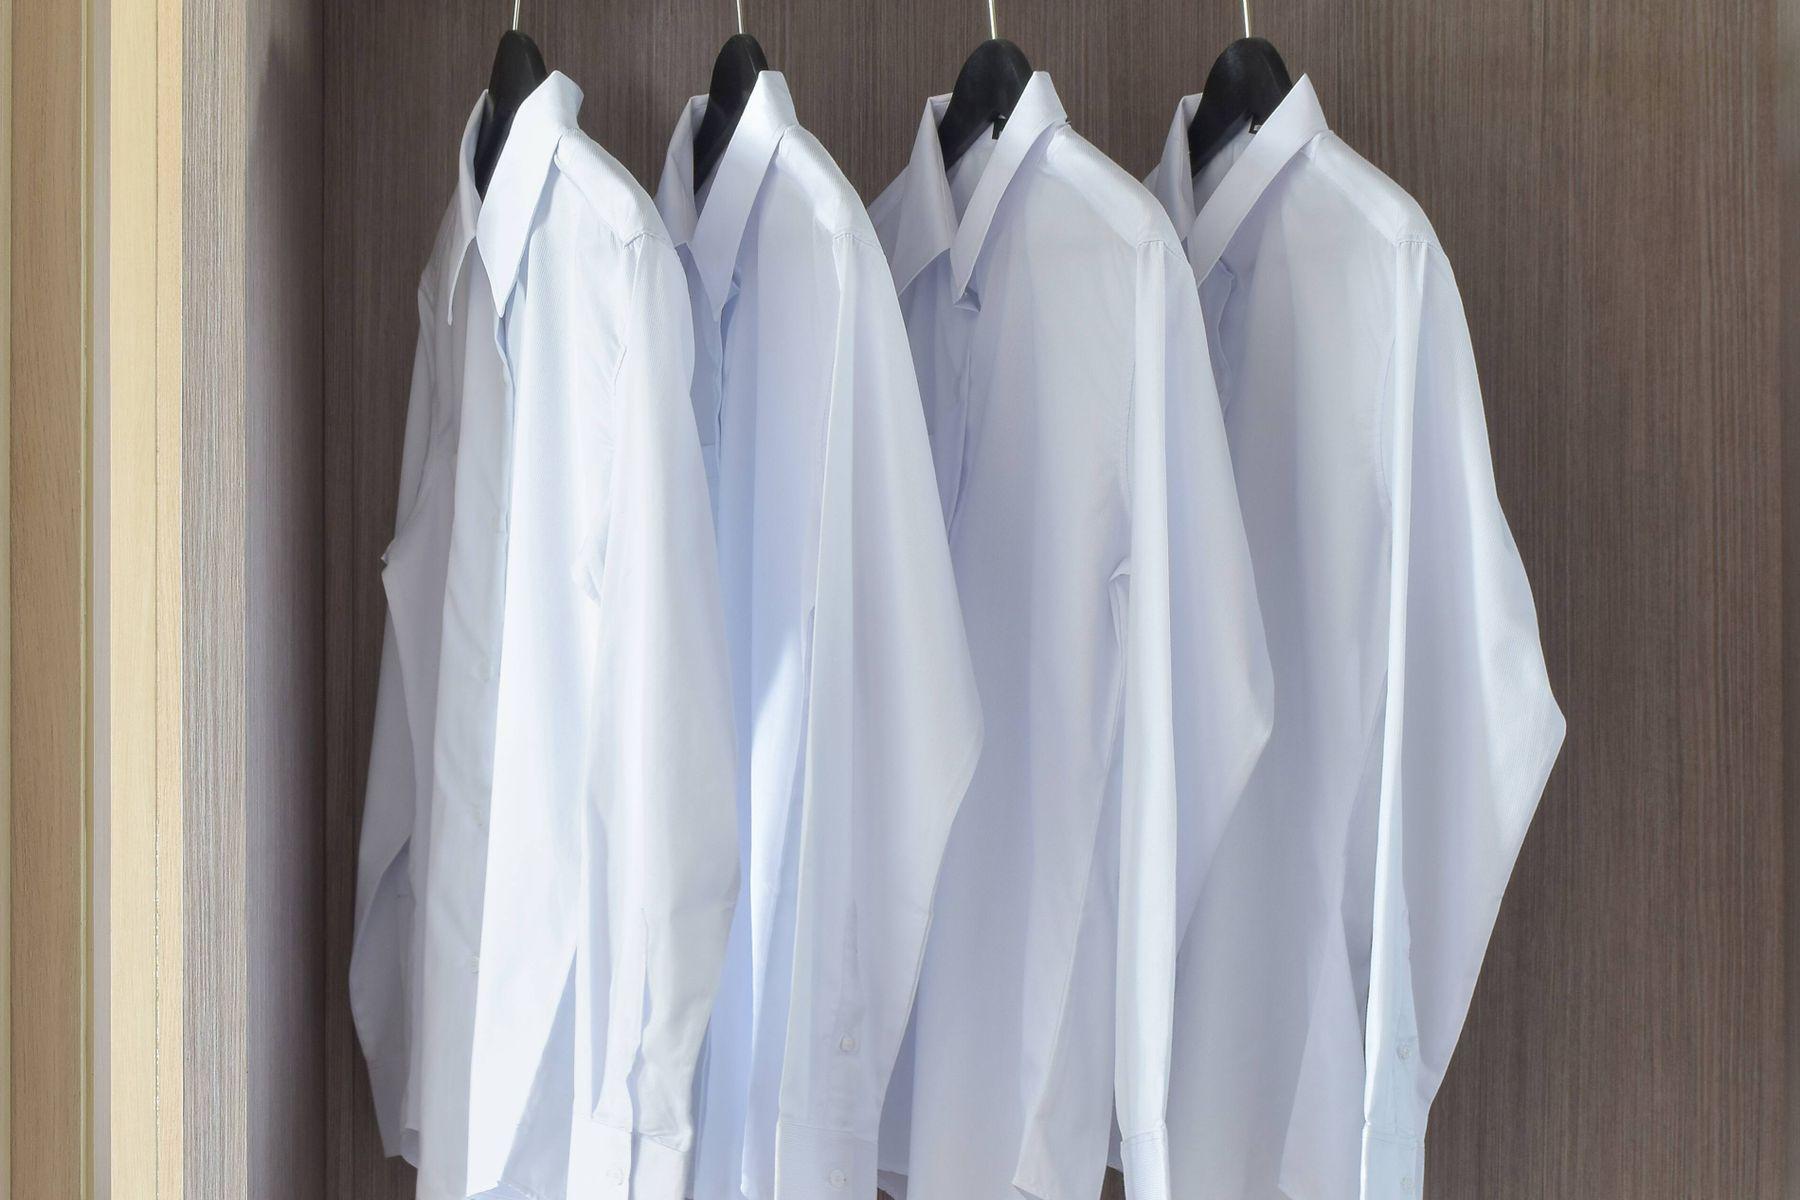 Askıda asılı beyaz gömlekler